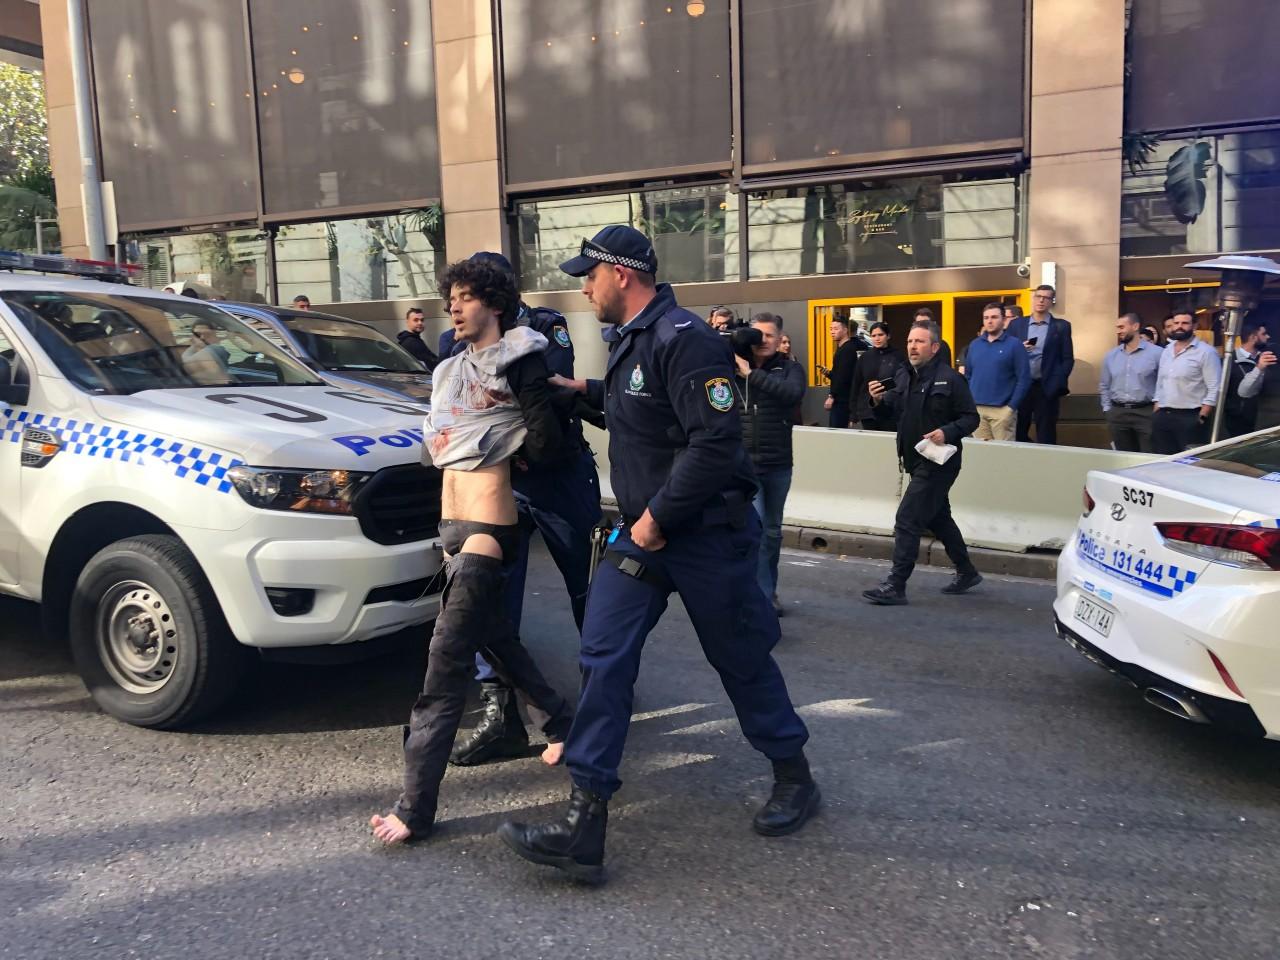 Extremista lanca ataque na Australia aos gritos de Allahu Akabar - Extremista ataca pessoas com faca na Austrália aos gritos de Alá é grande: VEJA VÍDEO